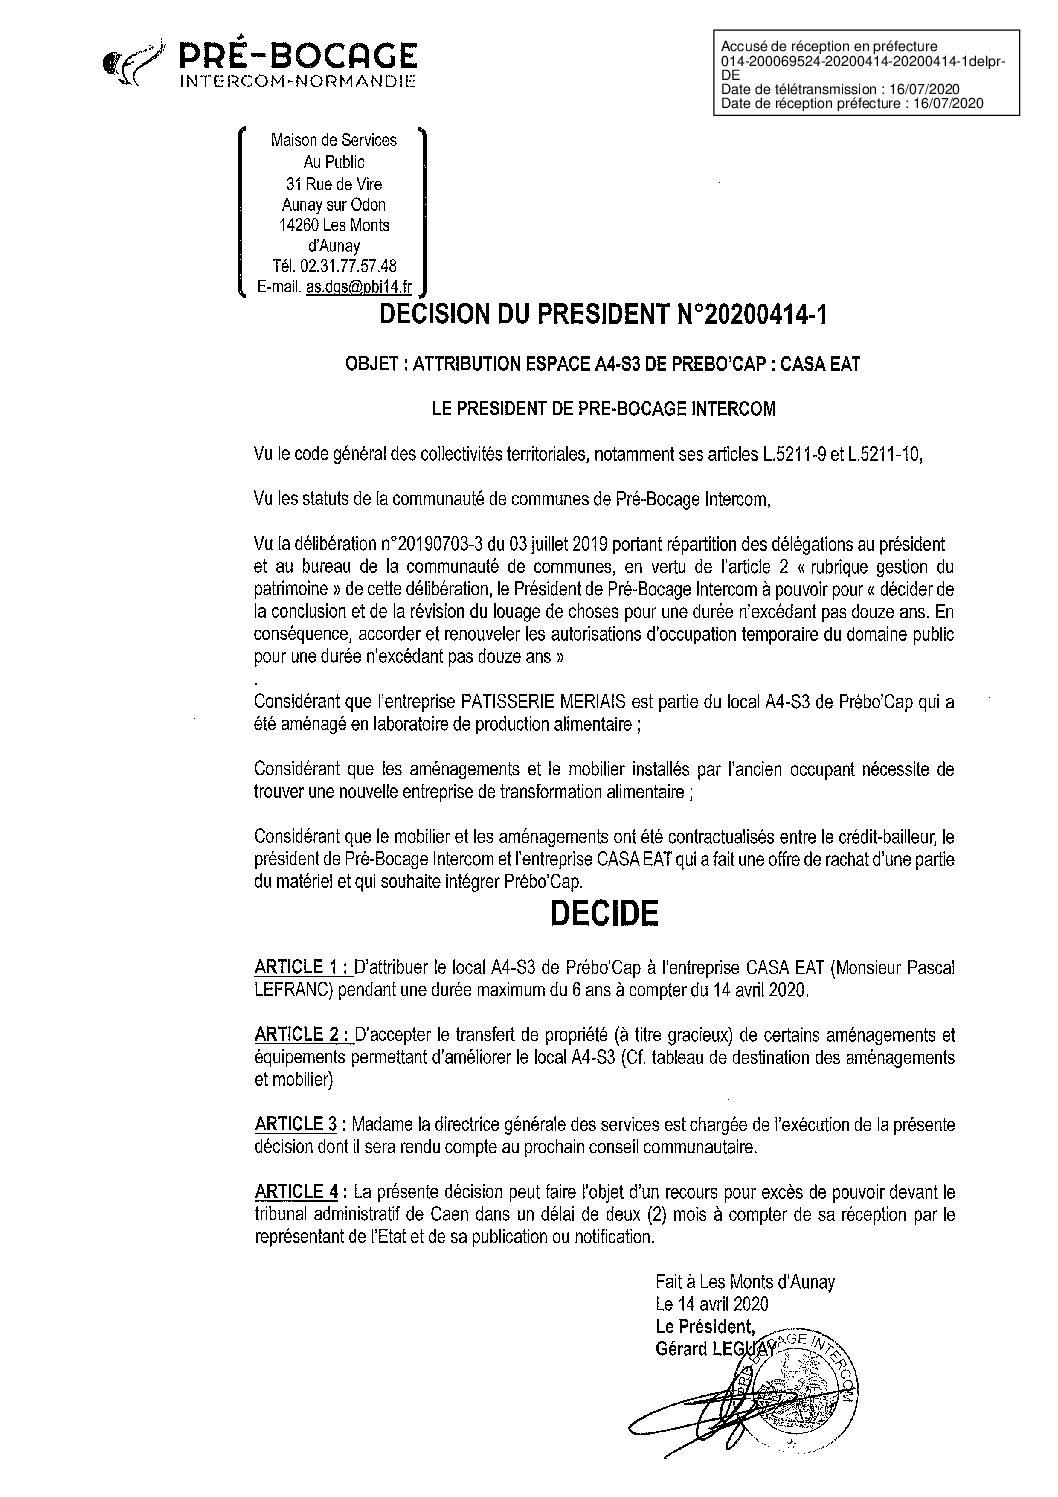 Décision déléguée du 14 avril 2020